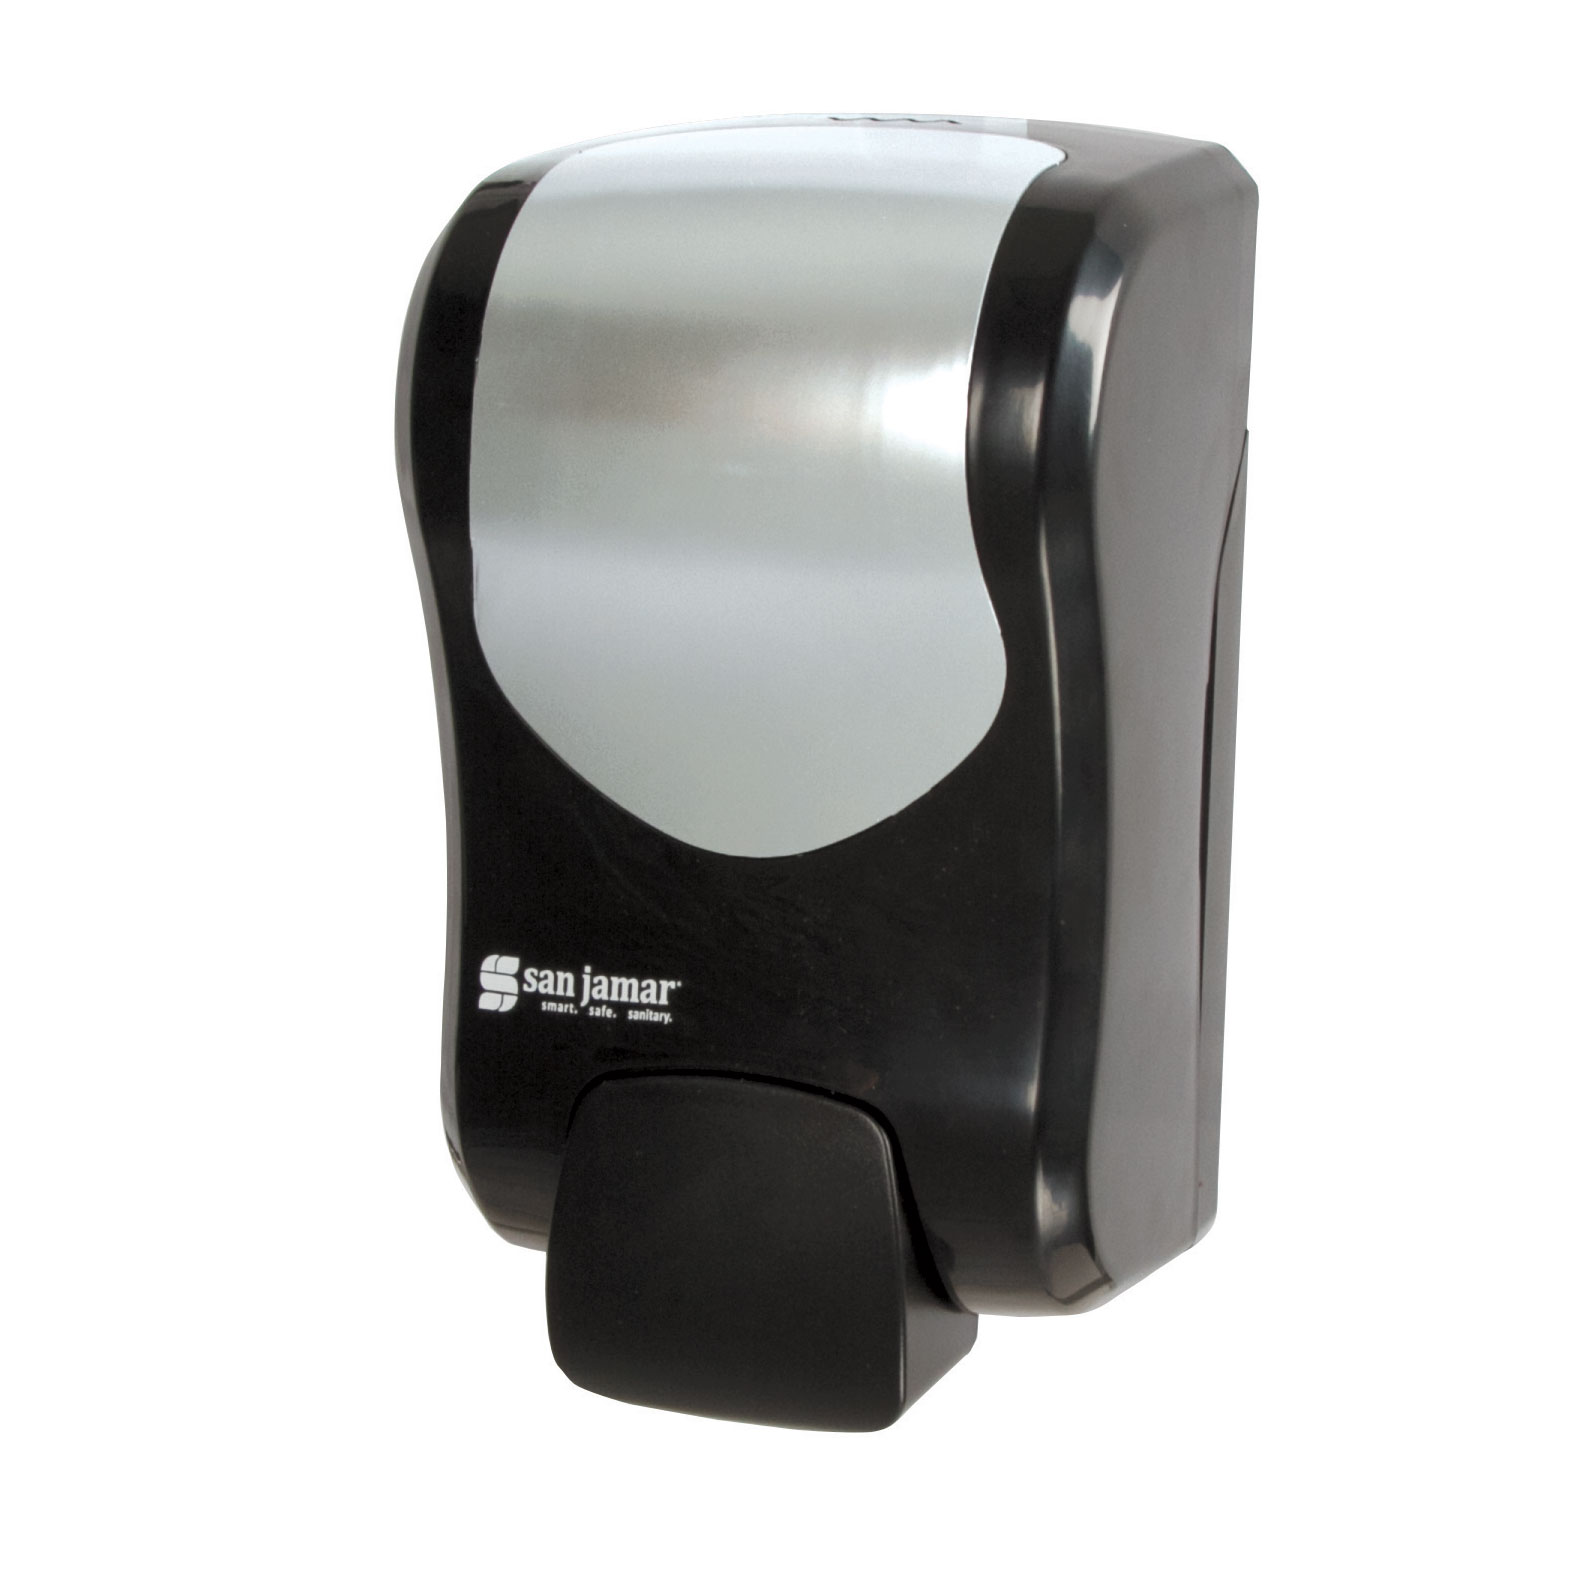 San Jamar S970BKSS hand soap / sanitizer dispenser